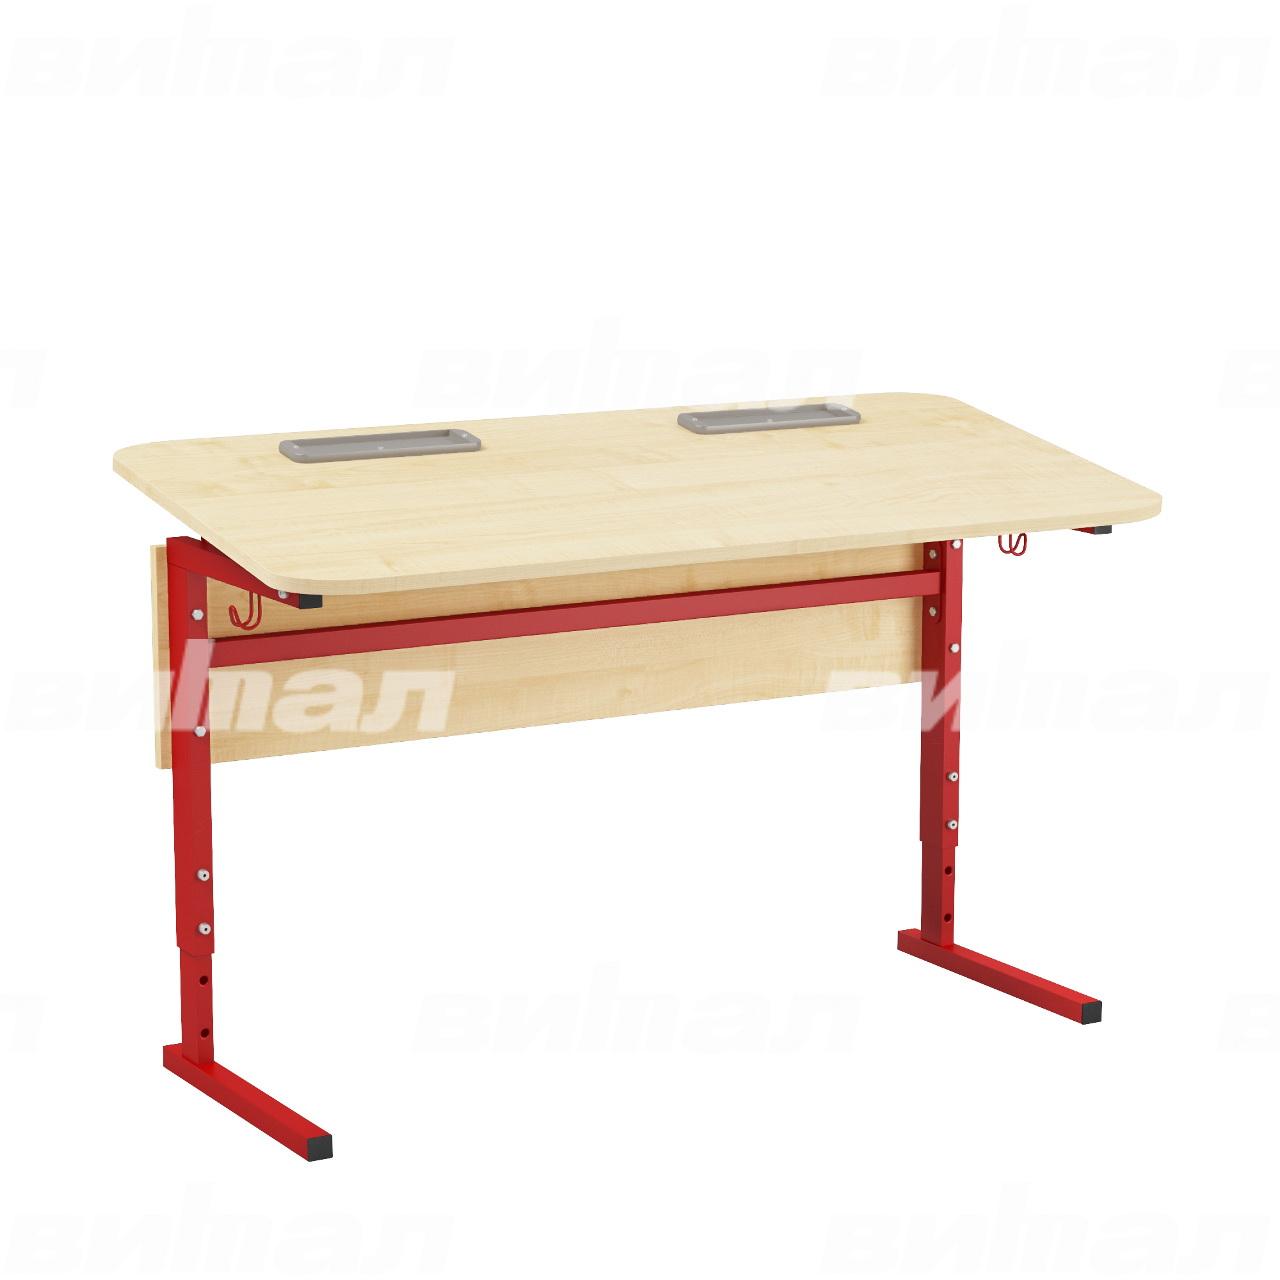 Стол 2-местный регулир. высота и наклон столешницы 0-10° (гр 2-4, 3-5 или 4-6) красный Клен 4-6 Меламин прямоугольная